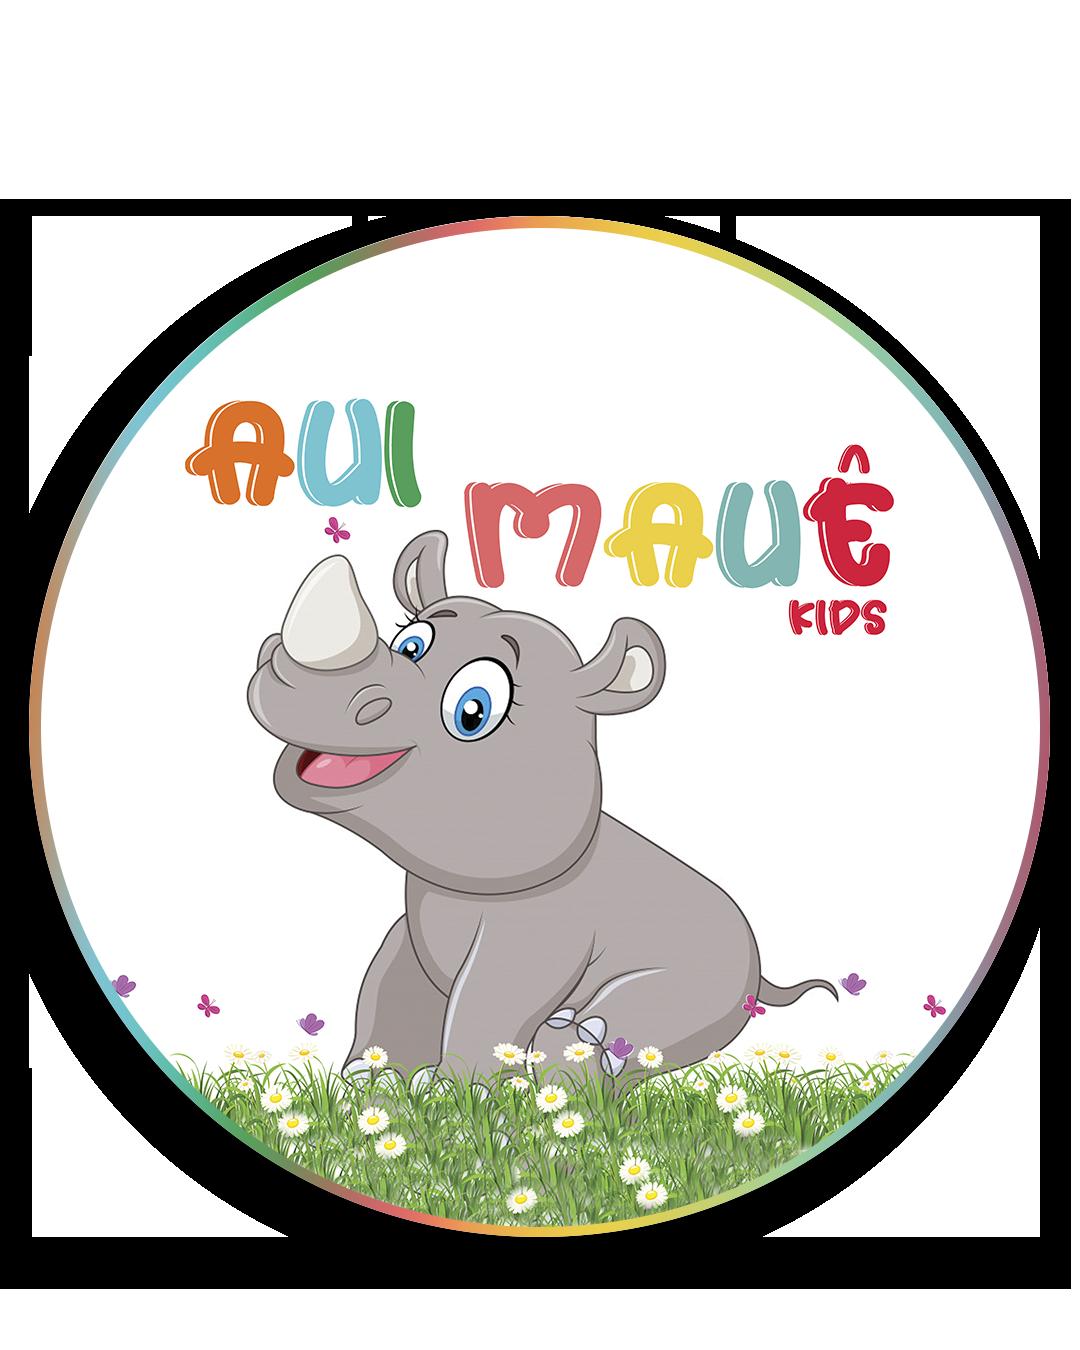 Aui Mauê Kids